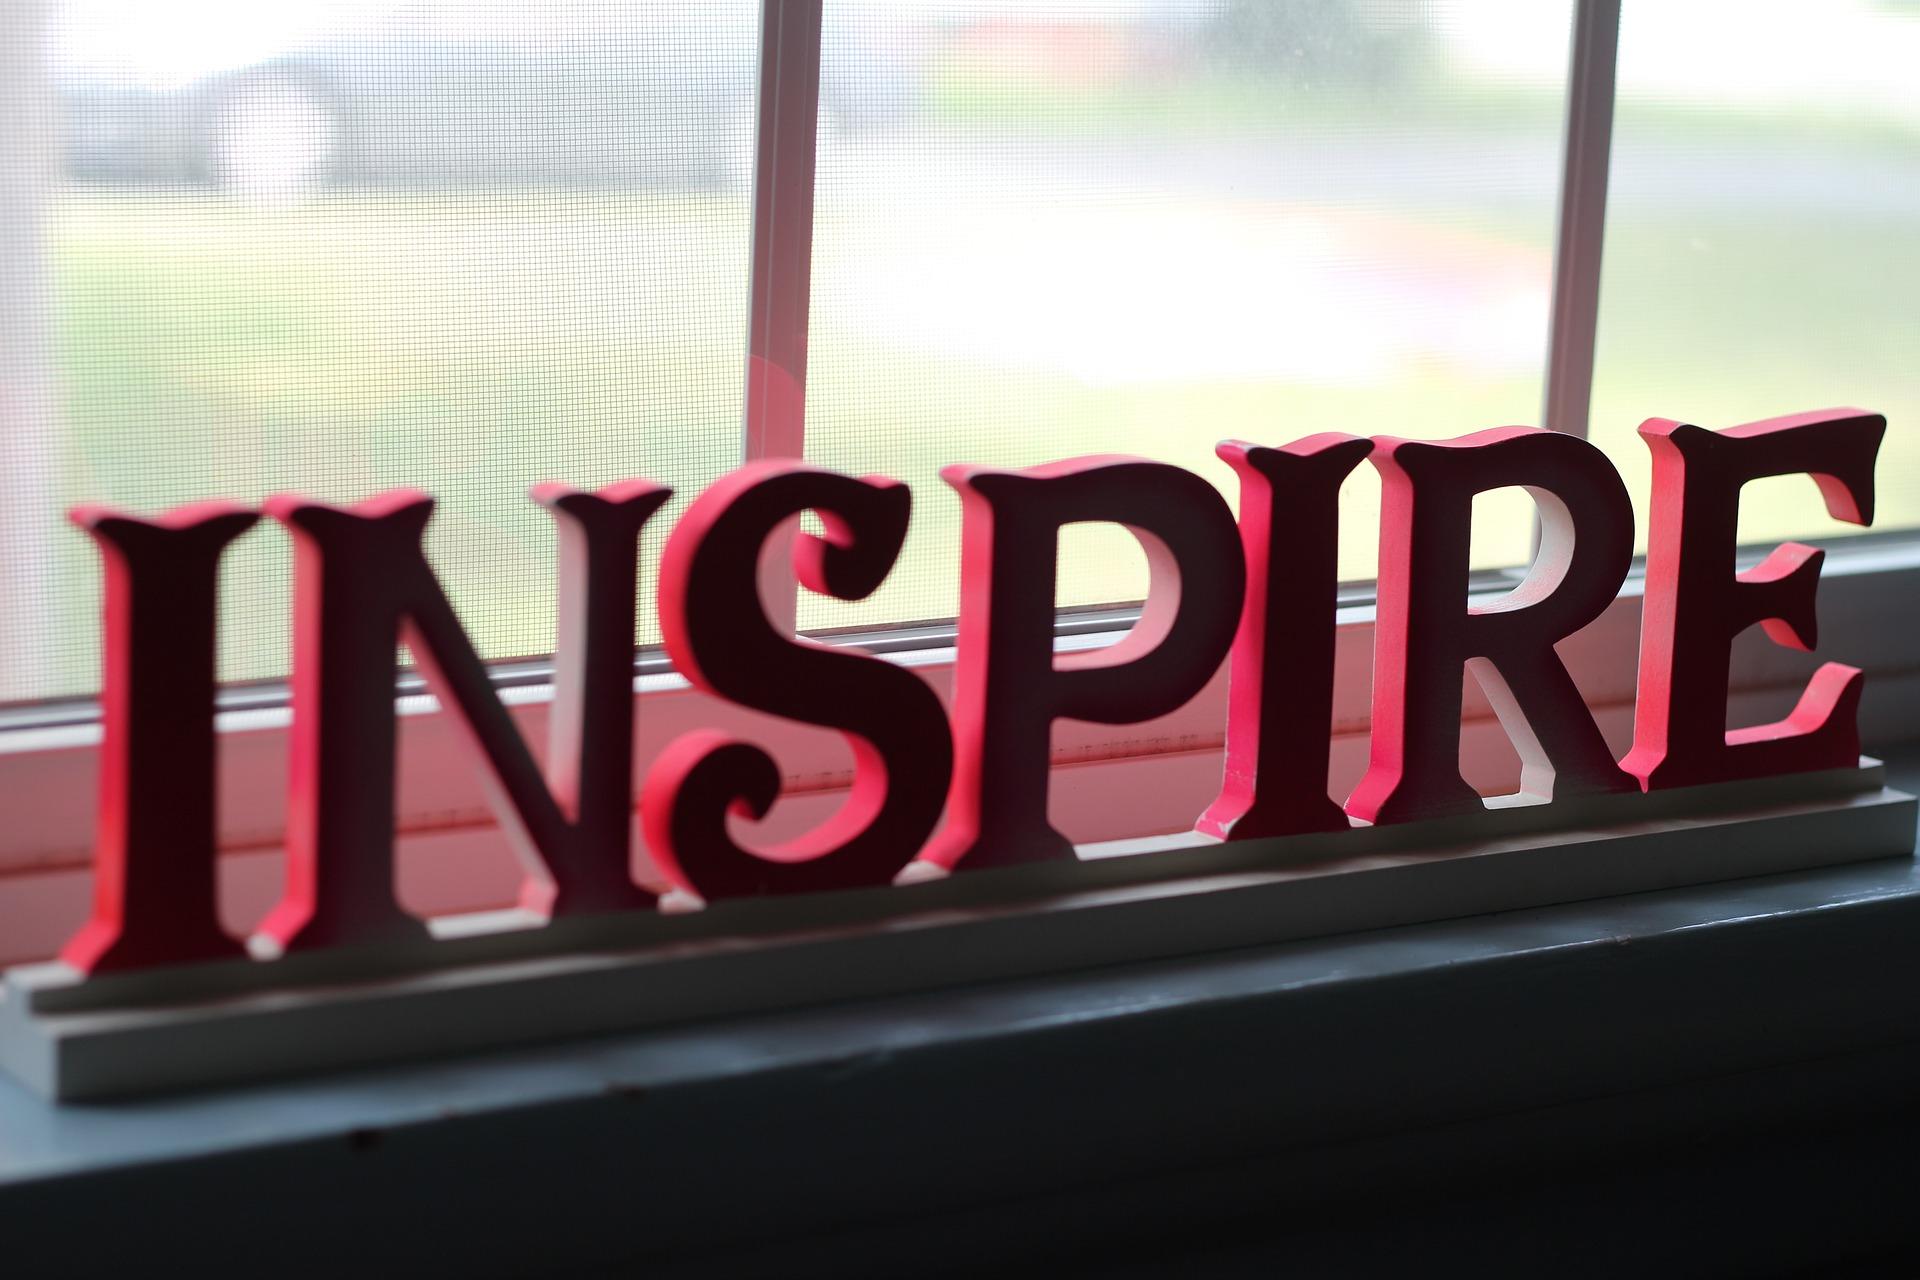 inspire-2580579_1920